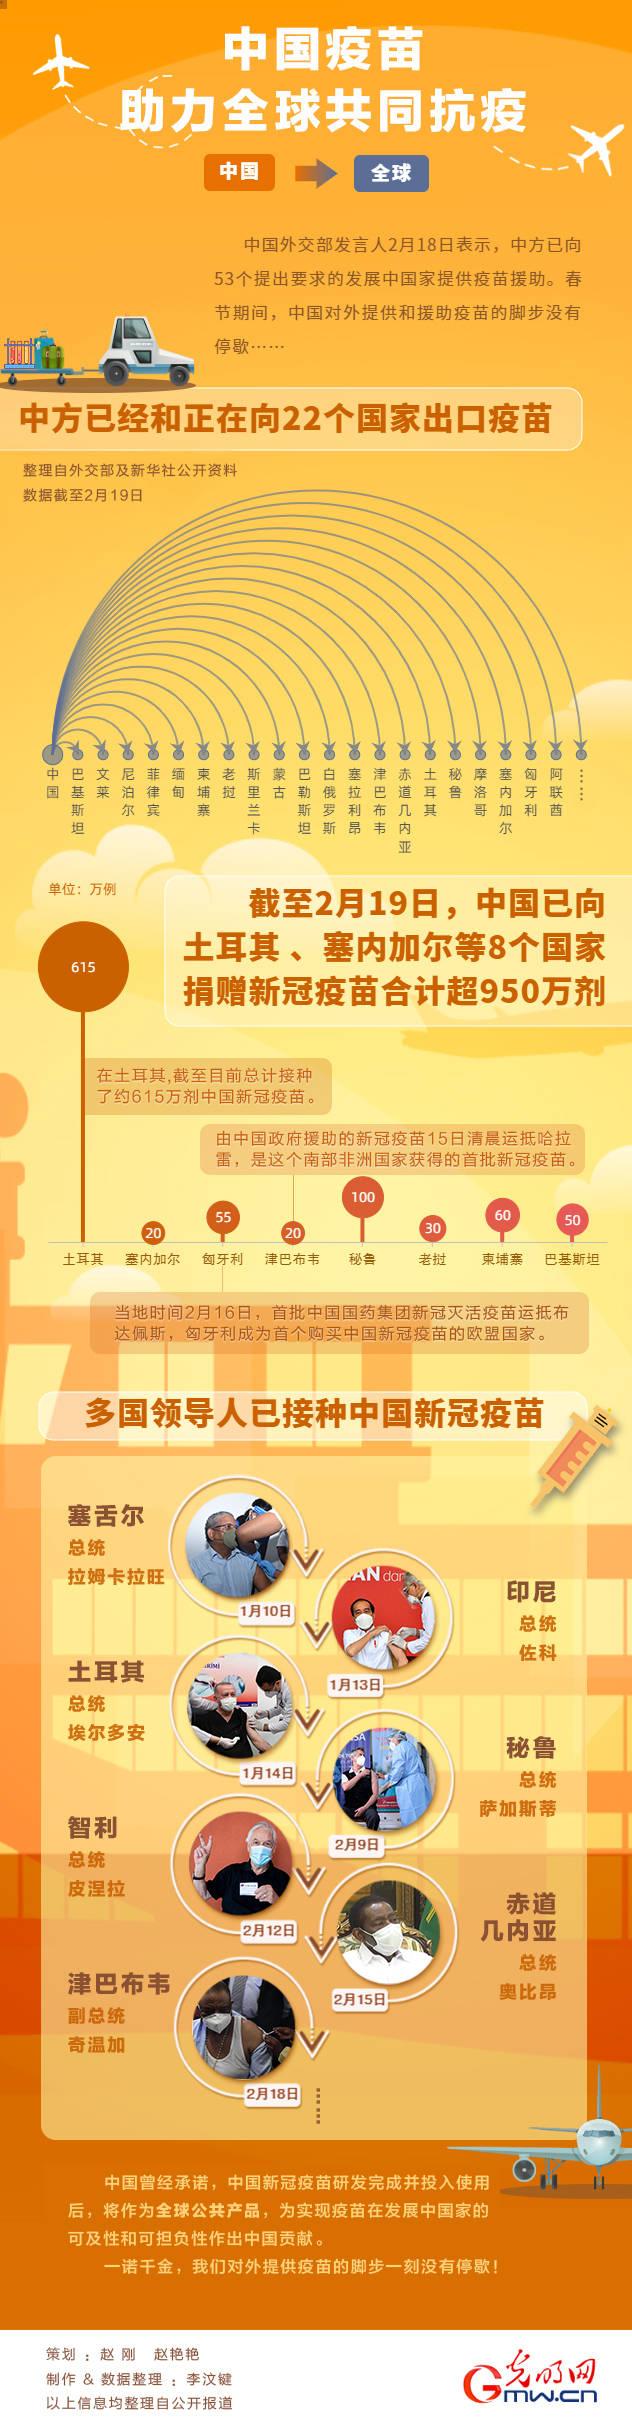 【一图读懂】中国疫苗助力全球共同抗疫